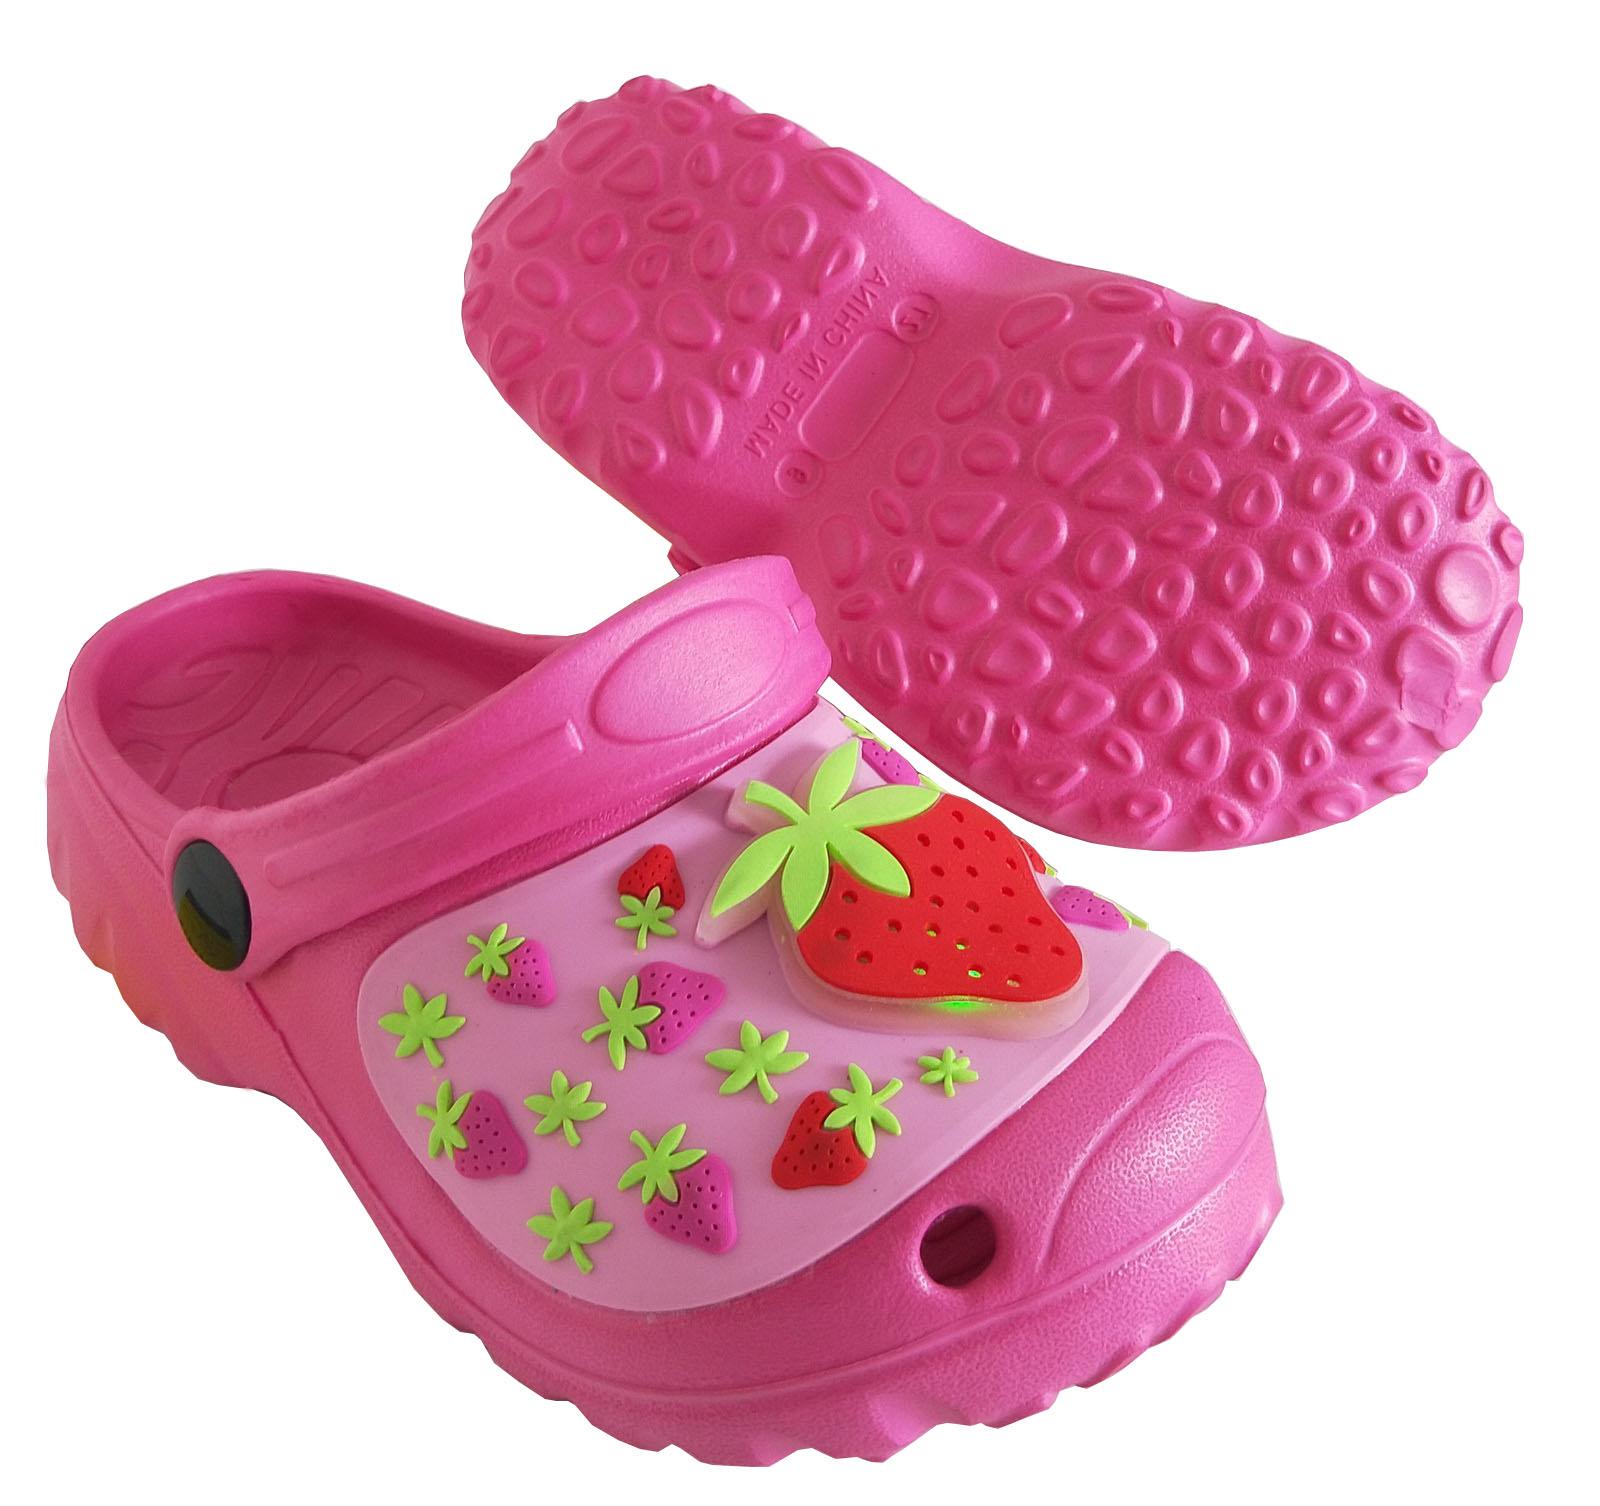 키즈 클래식 방해 신발 Gowalk 정원 샌들 도매 EVA 신발